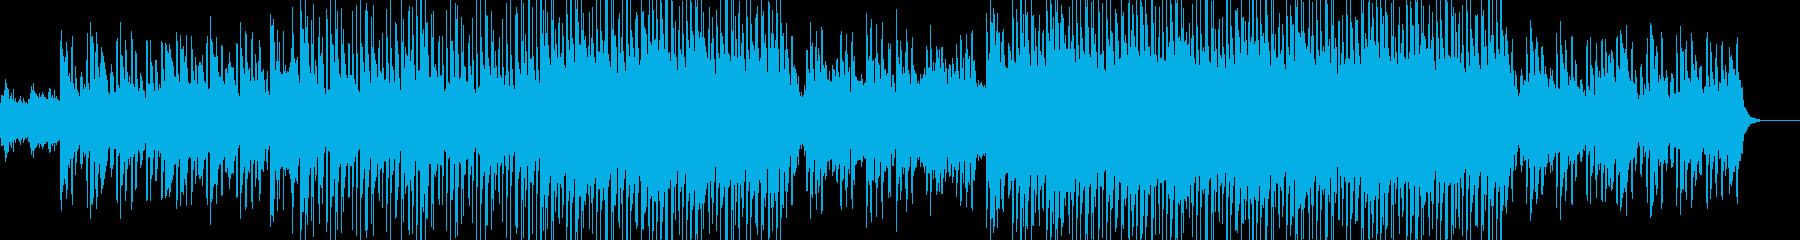 バトルゲームの会話シーンをイメージした曲の再生済みの波形